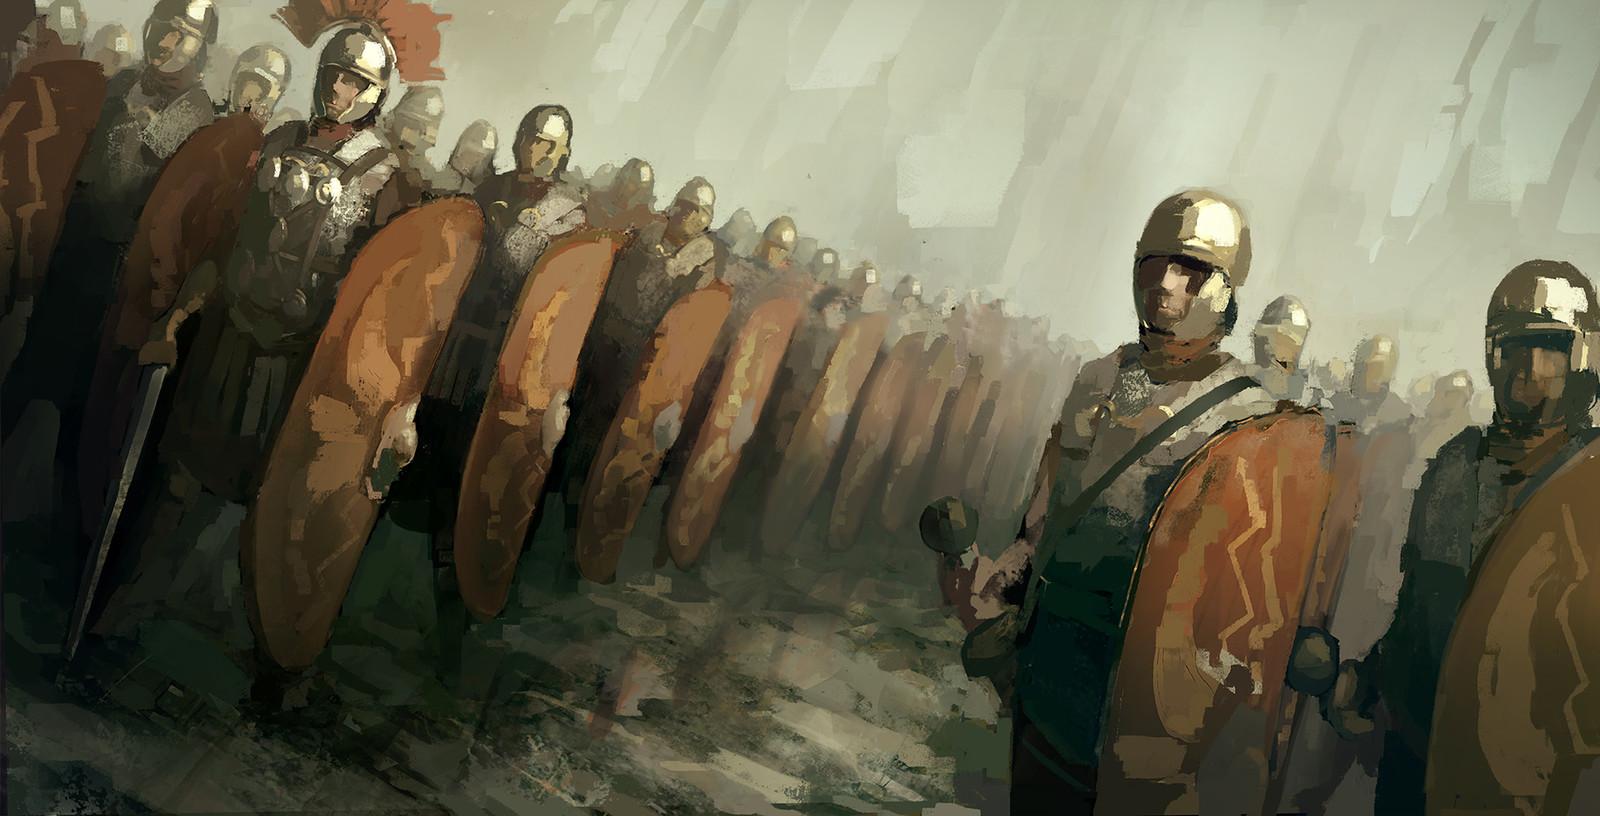 Legio X Equestris